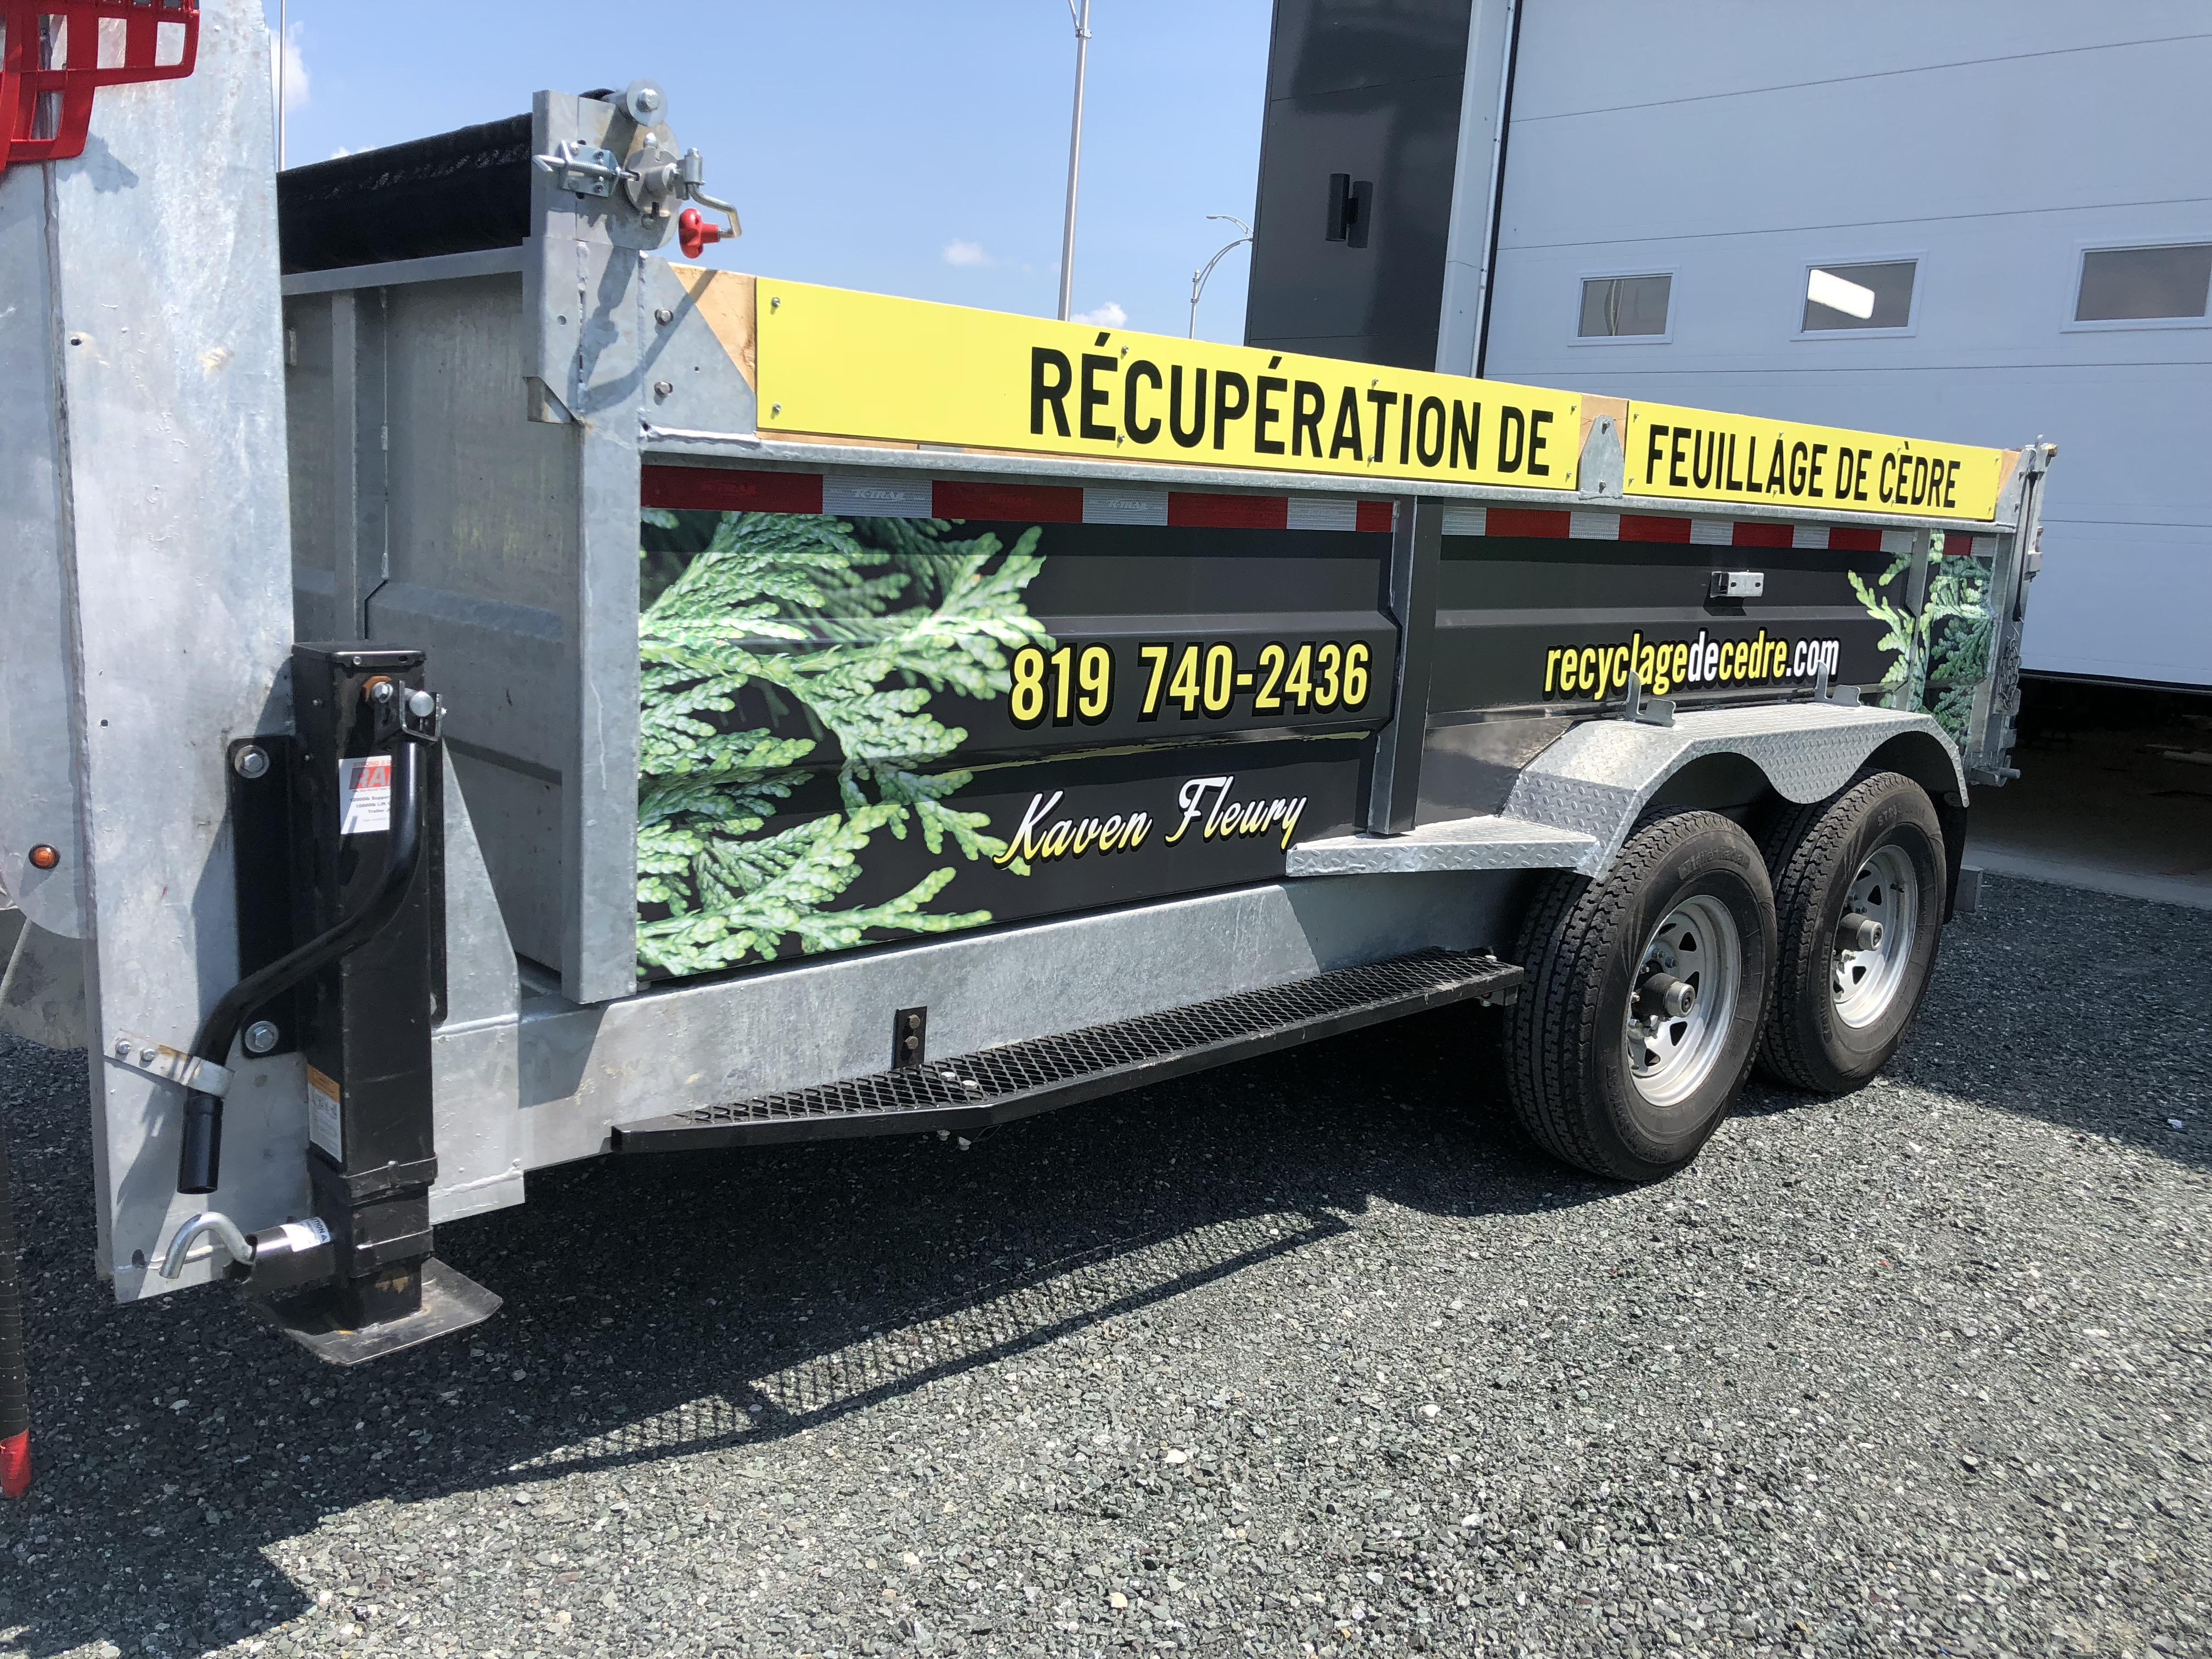 recyclage-de-cedre-lettrage-remorque